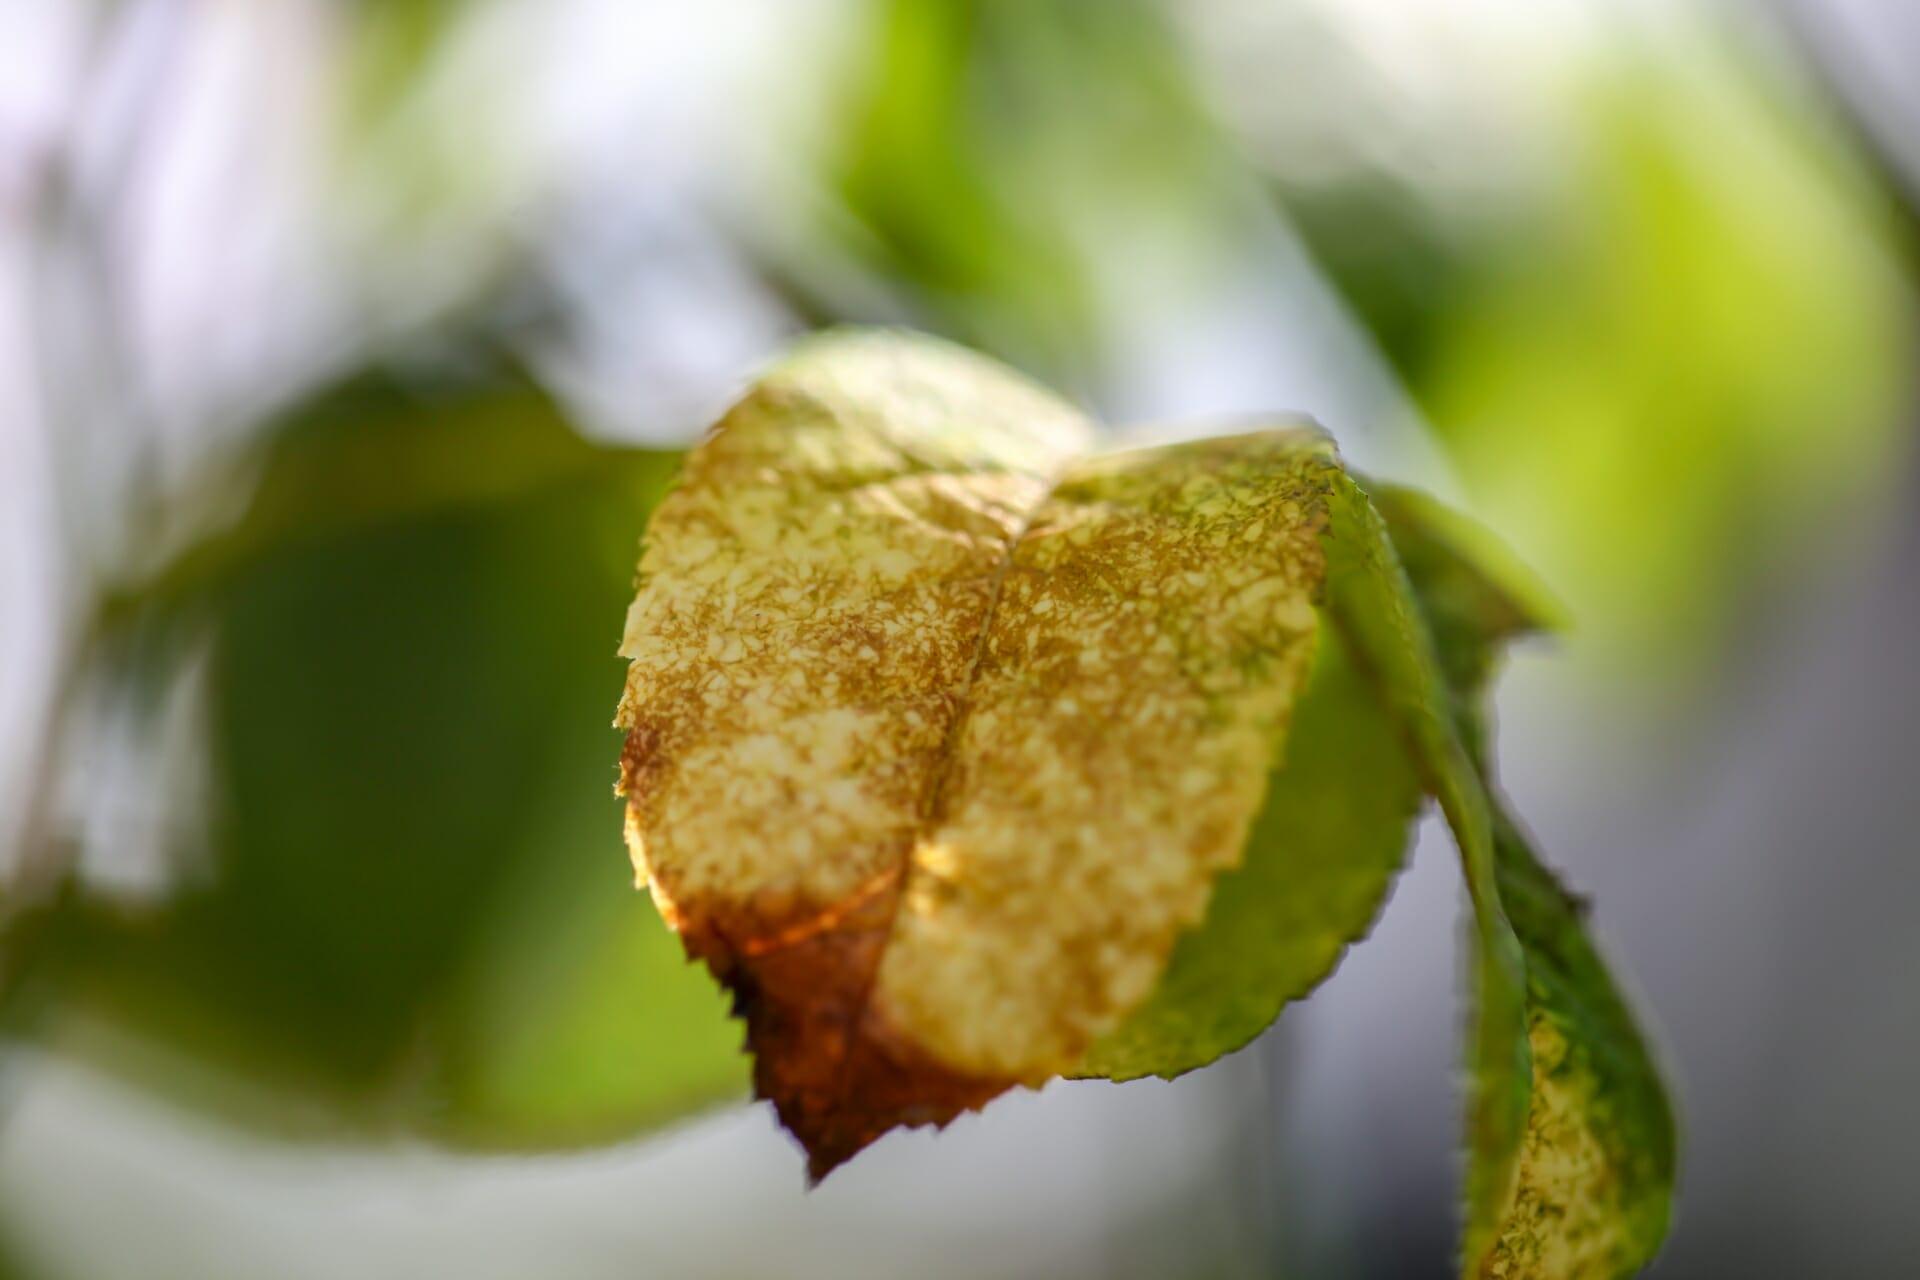 ハダニに食害され、褐色に変色した葉